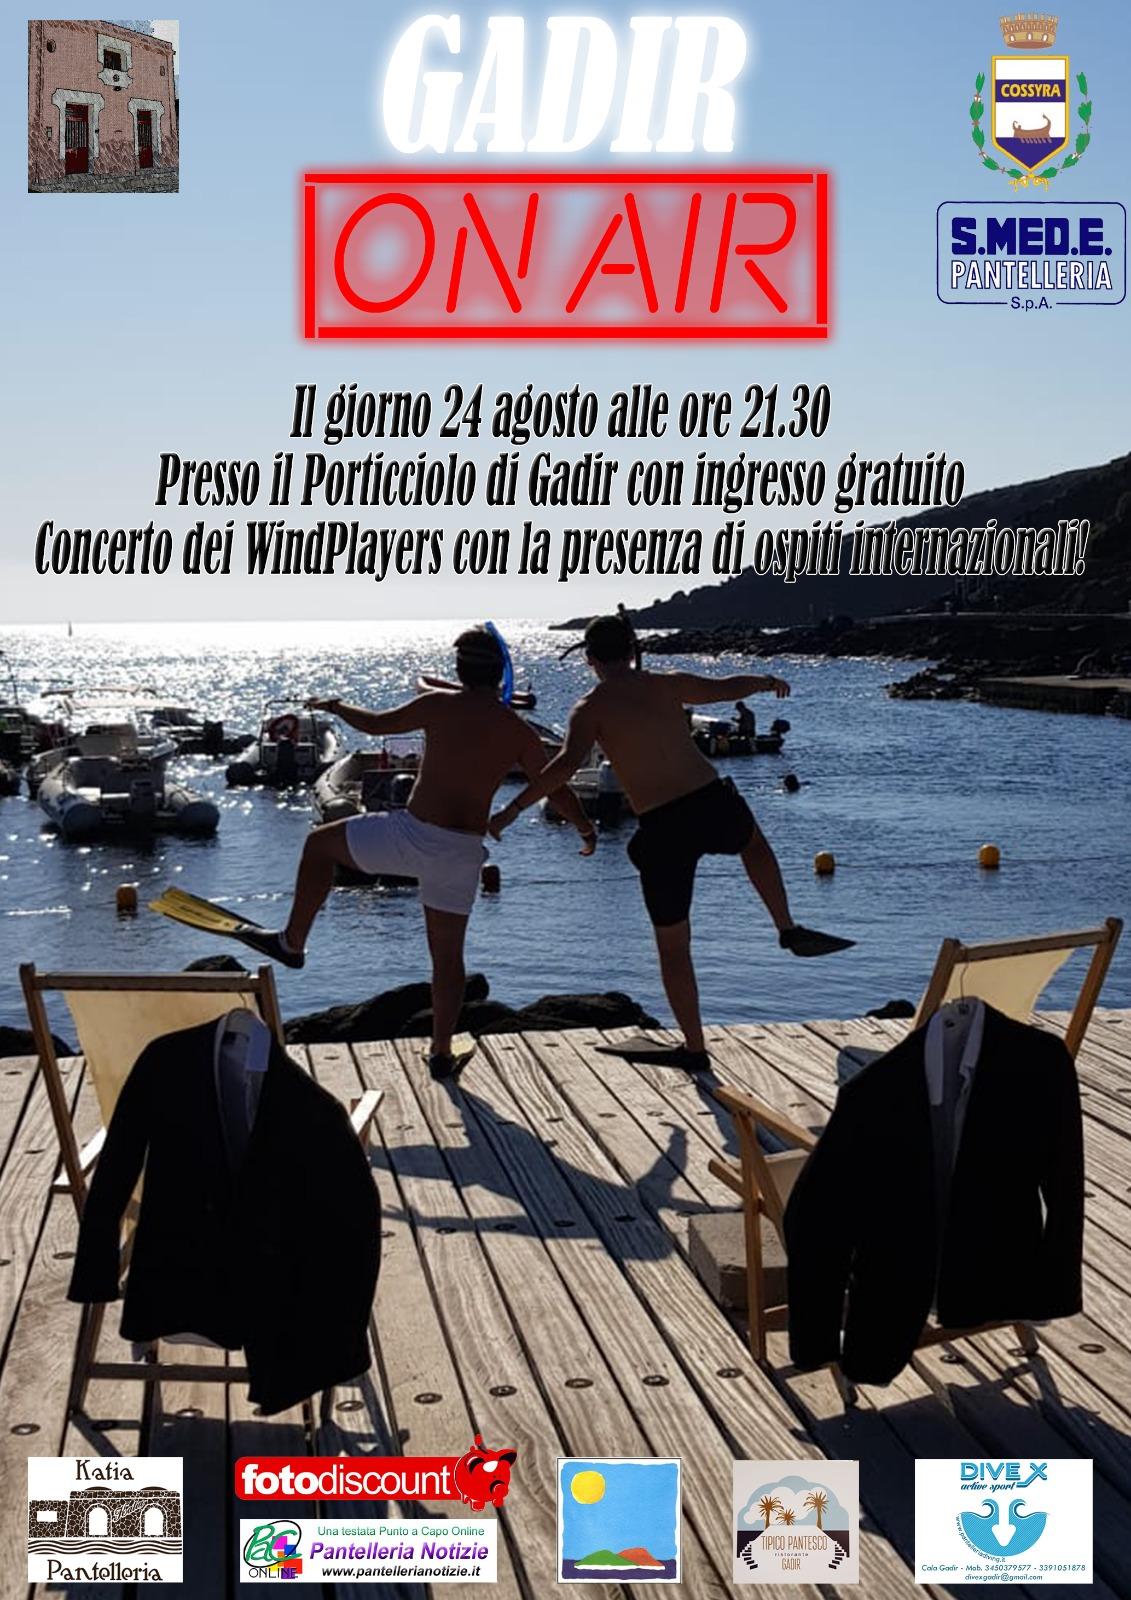 Pantelleria, il 24 agosto il nuovo spettacolo Gadir On Air con musica, teatro e impegno sociale portato sul palco dai giovani panteschi con il Patrocinio del Comune